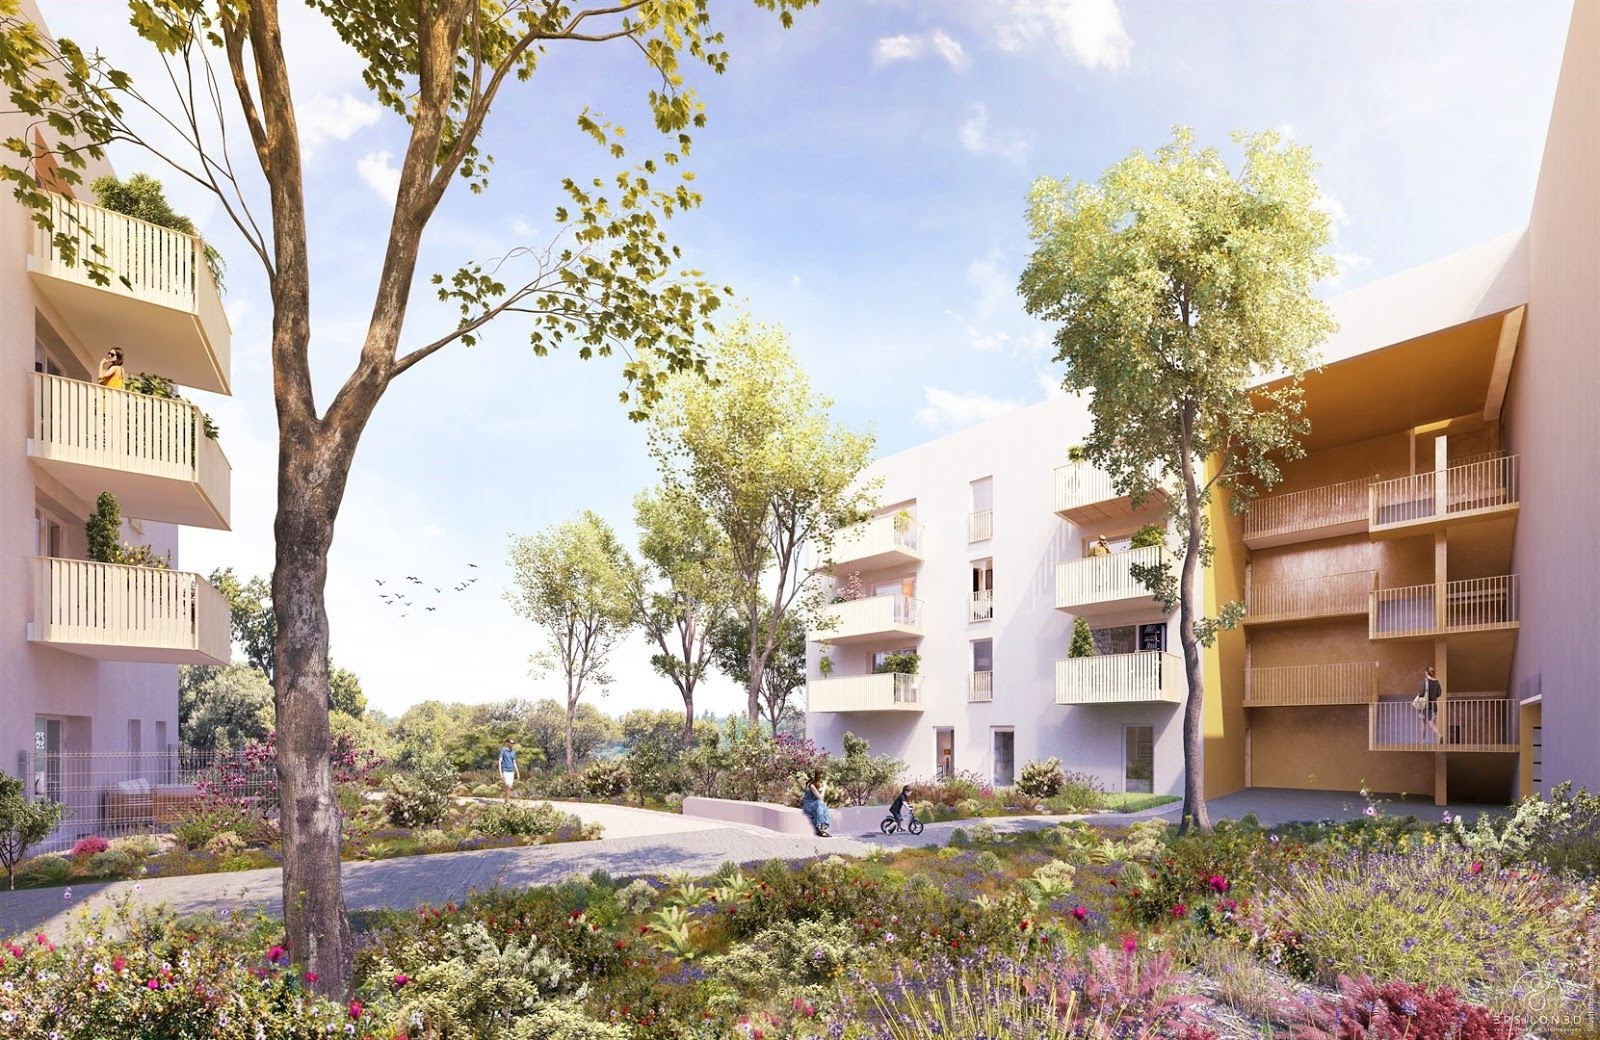 Programme immobilier Saint-Priest (69800) Environnement Verdoyant et Calme NP50